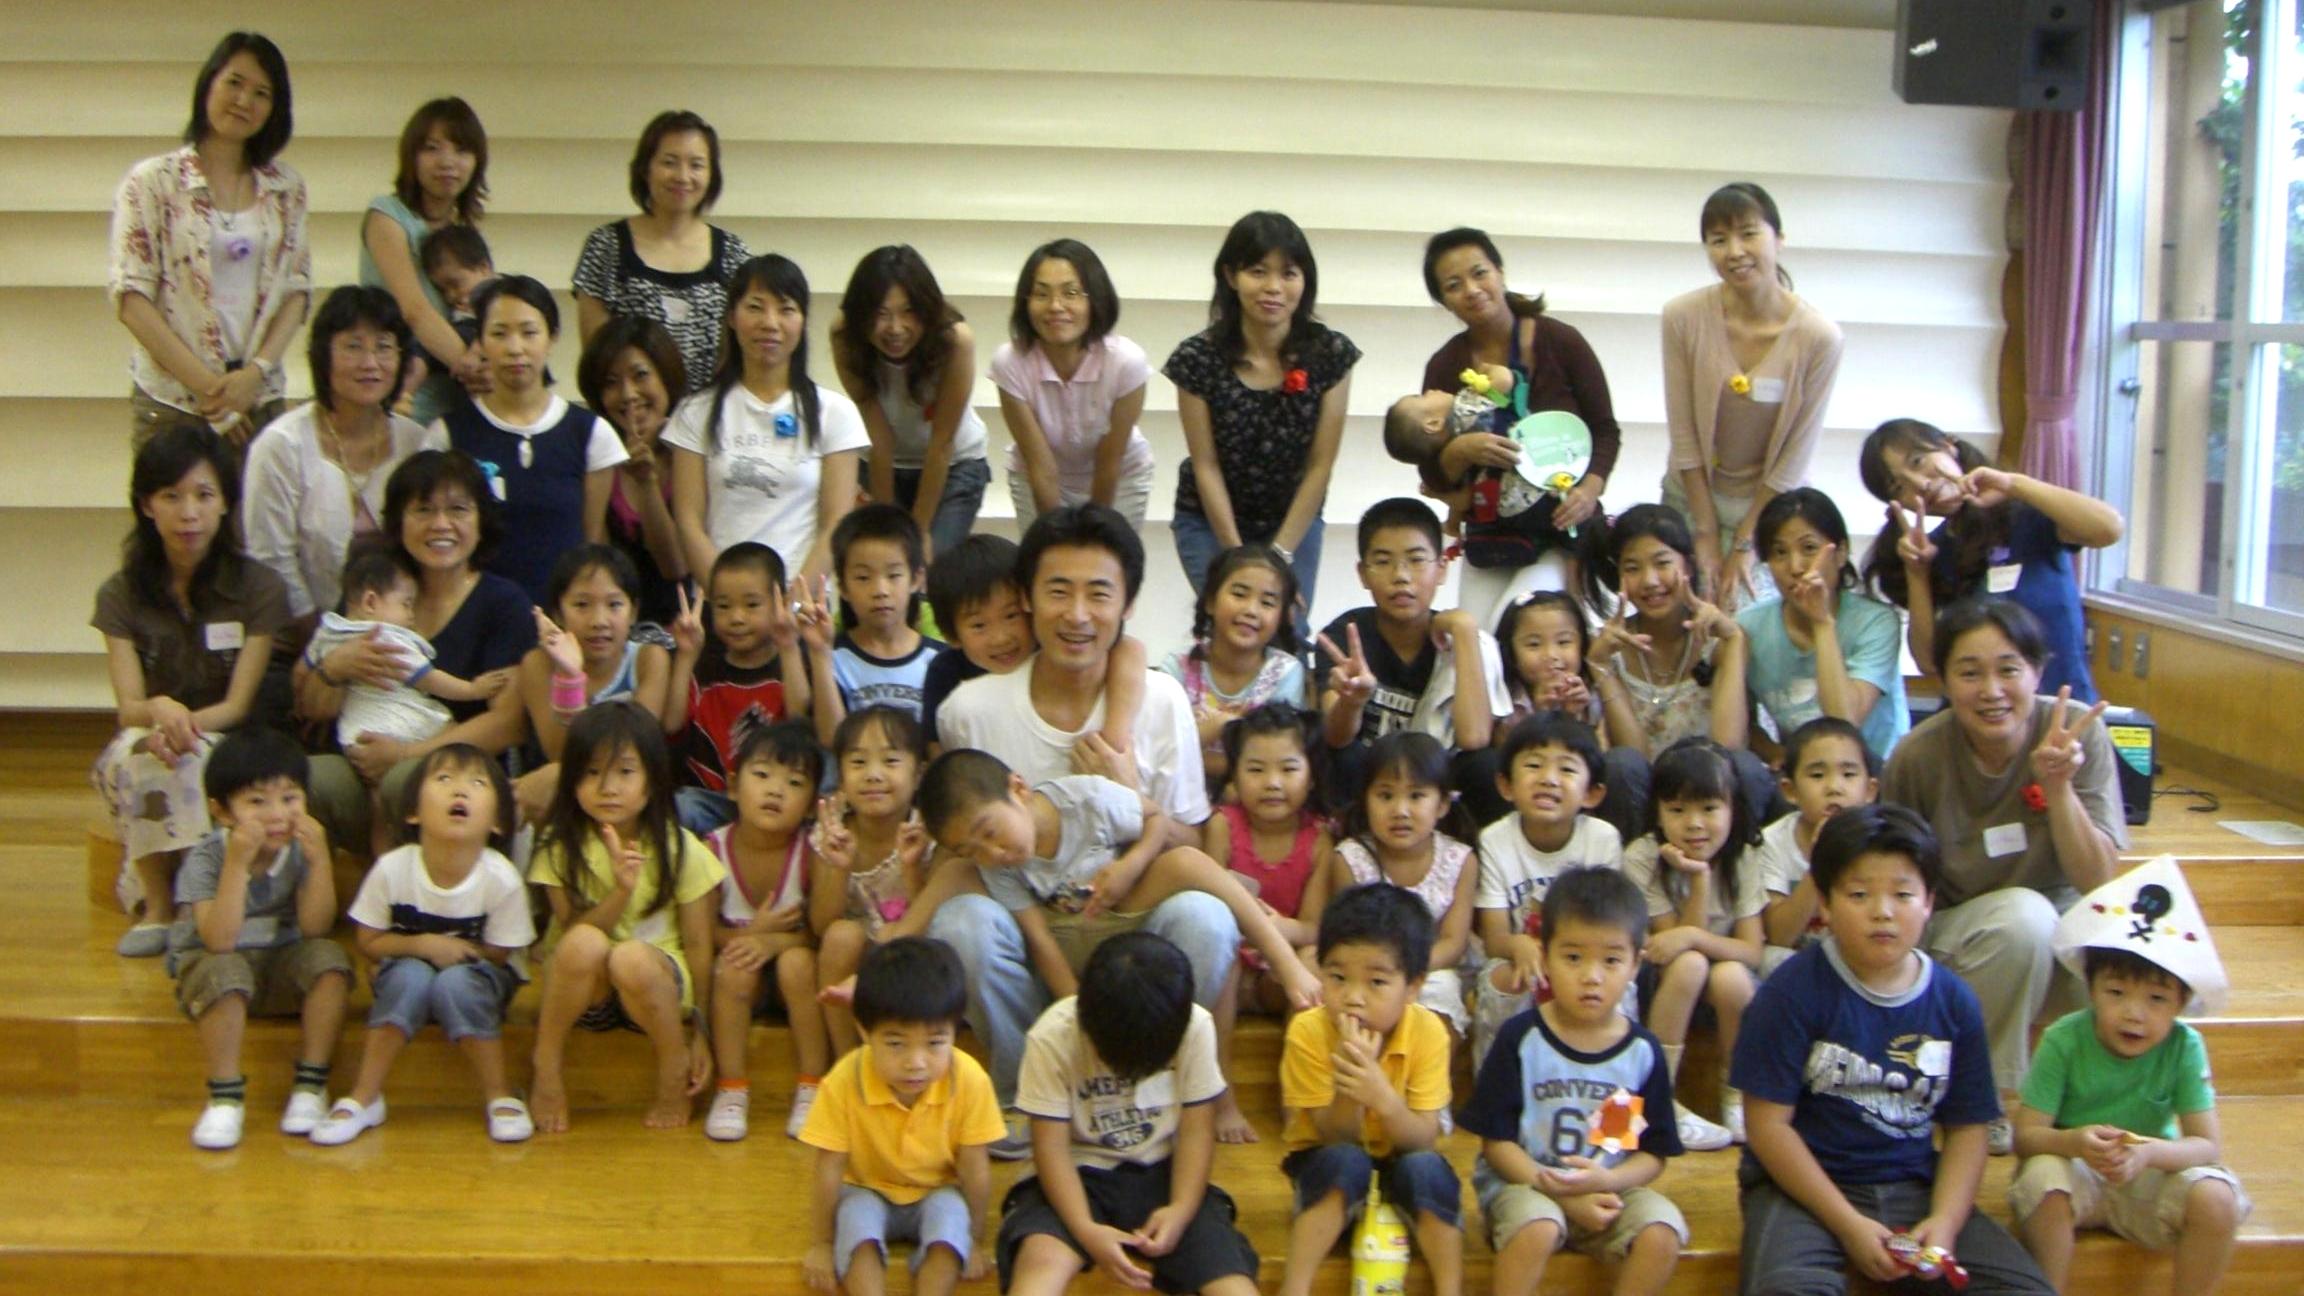 林間のぞみ幼稚園で50名の初ドラムサークルに、またも感動!